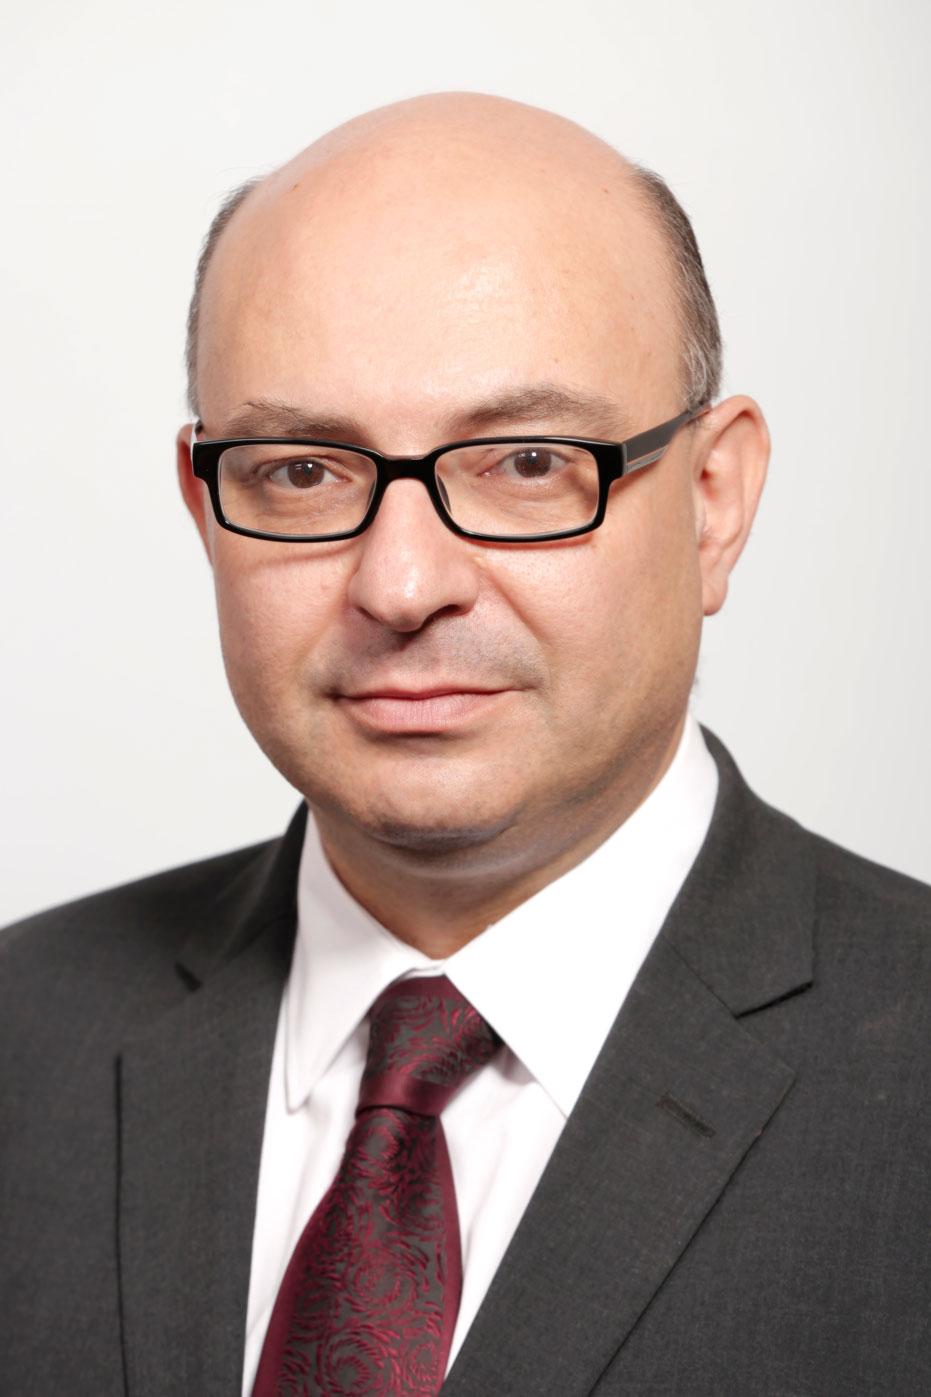 Michael Grima